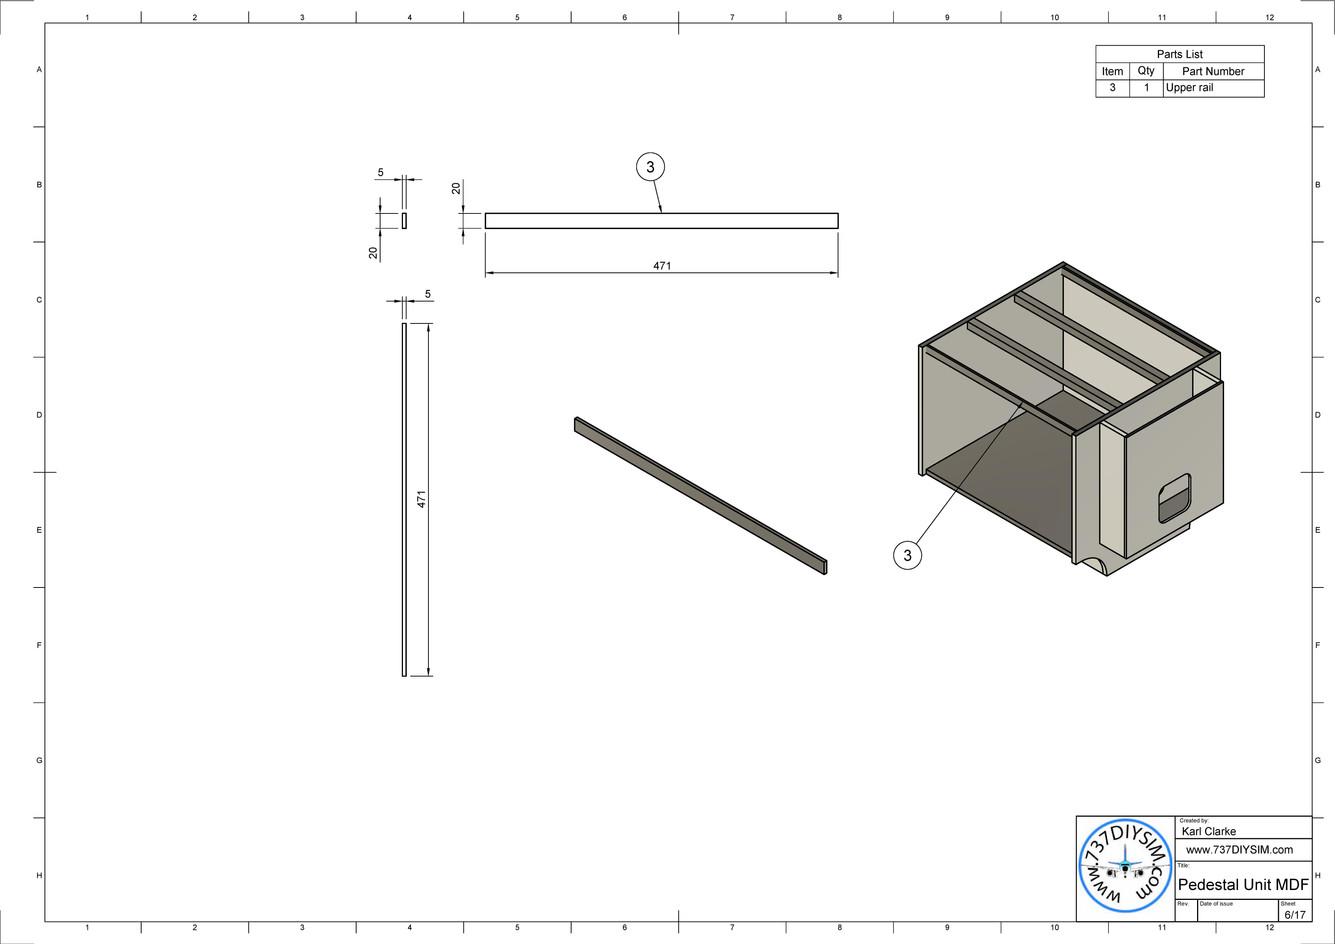 Pedestal Unit MDF Drawing v2-page-006.jp